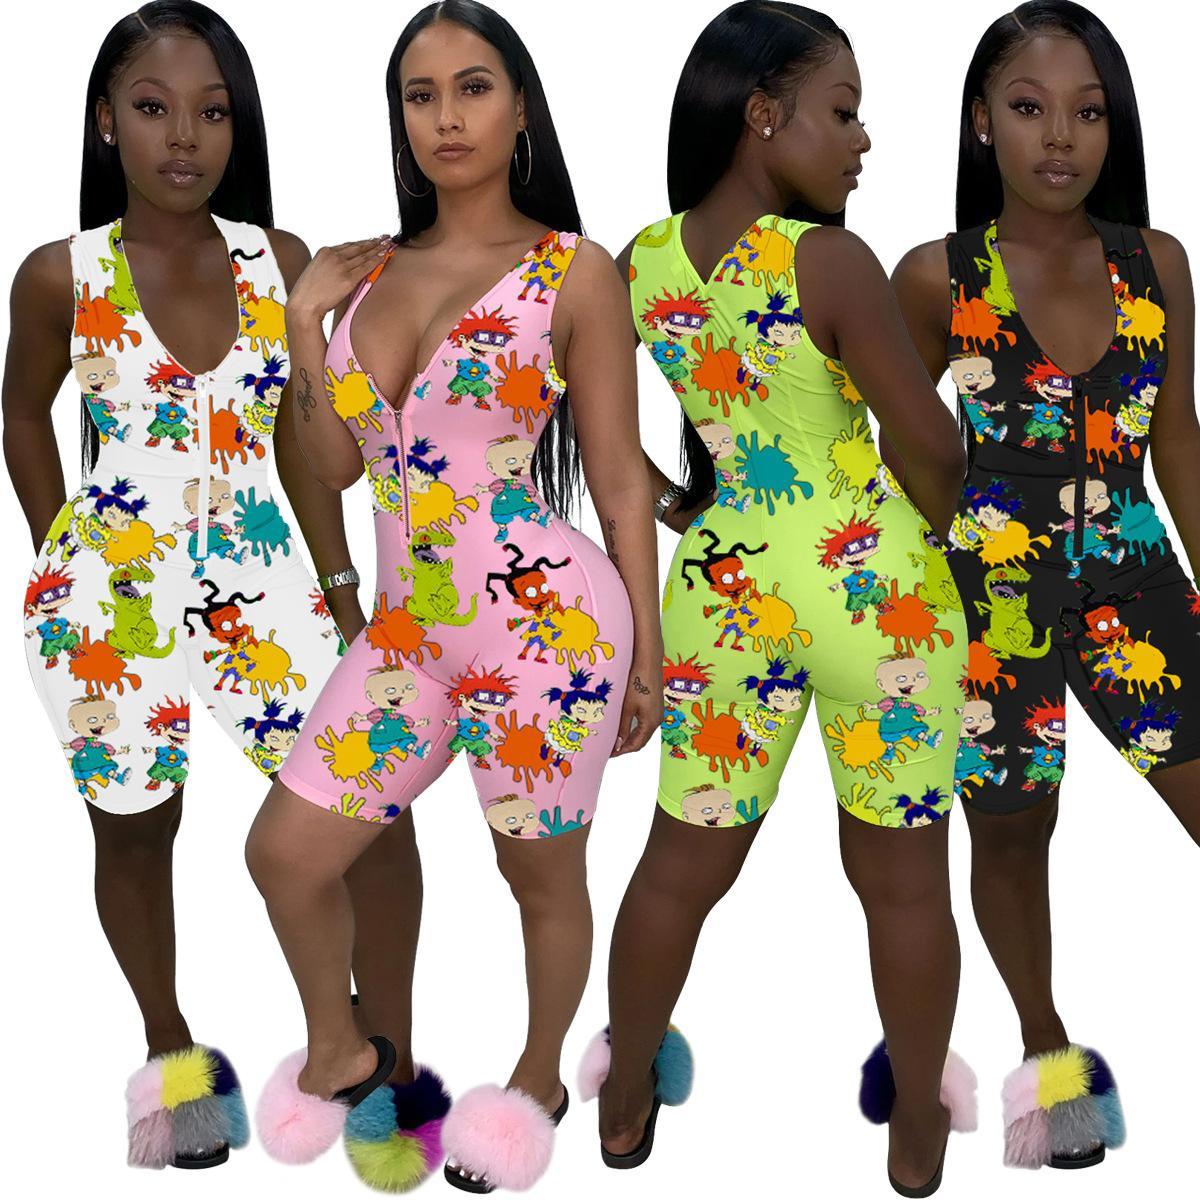 ارتداءها المرأة بذلة السائق سراويل النساء S اثنان من قطعة السيدات مصمم السراويل مجموعة الصيف للمرأة ملابس وتتسابق فاخر عرضي 2020